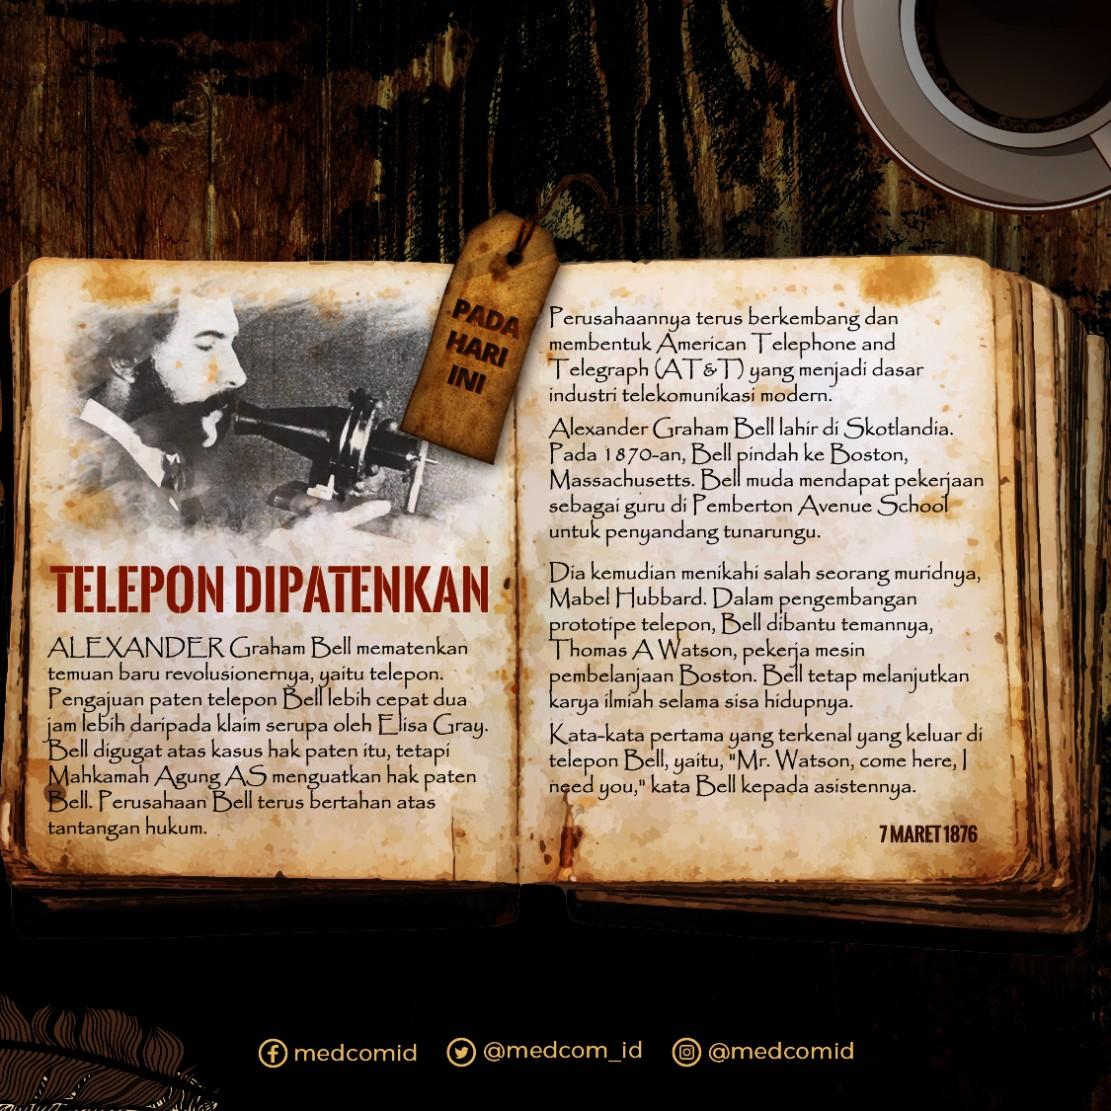 Hari Ini: Telepon Dipatenkan